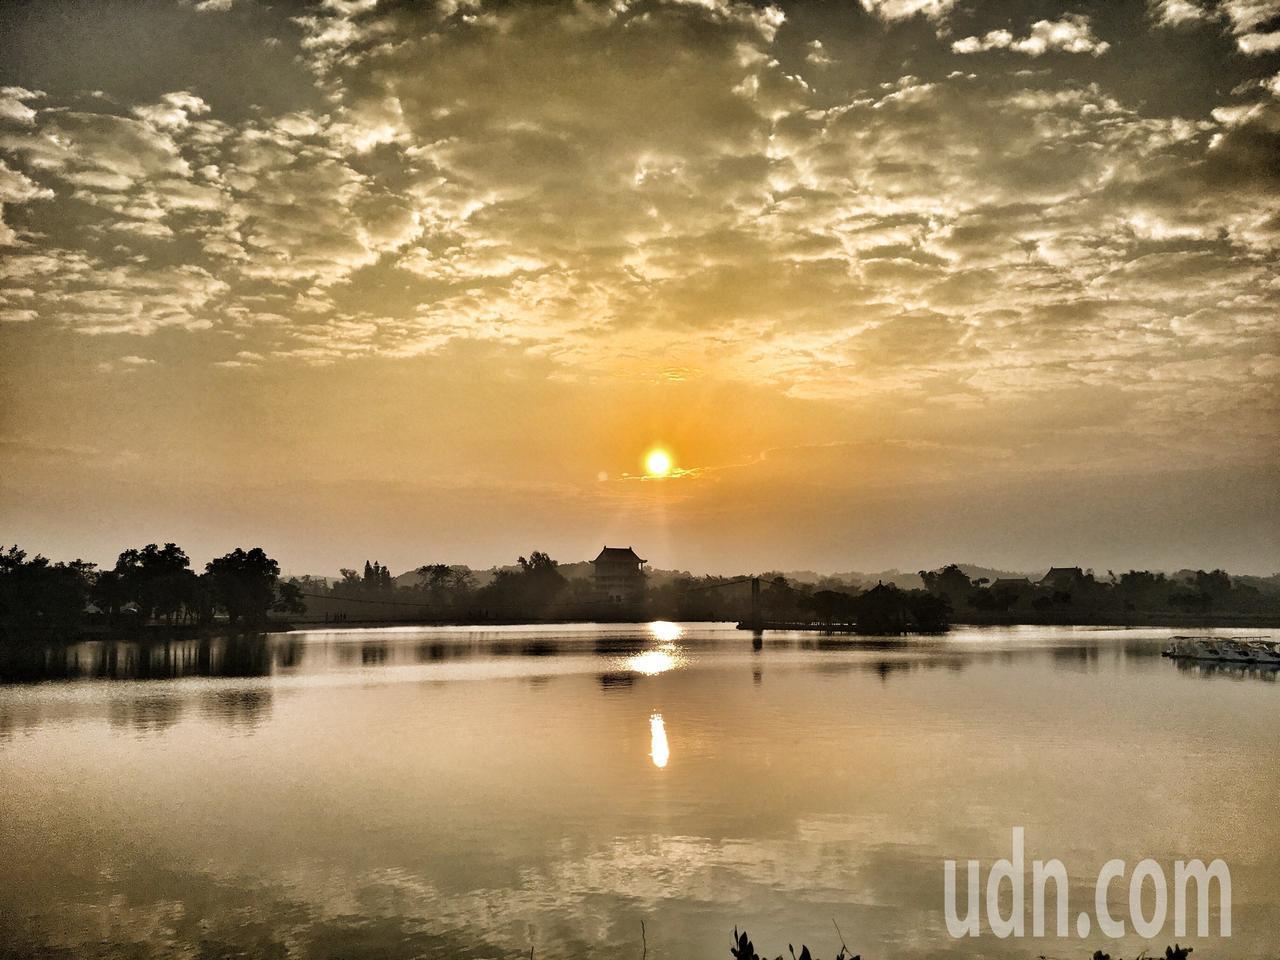 台南虎頭埤日出晨曦湖光倒影之美,很早就有小日月潭之稱。記者吳淑玲/攝影